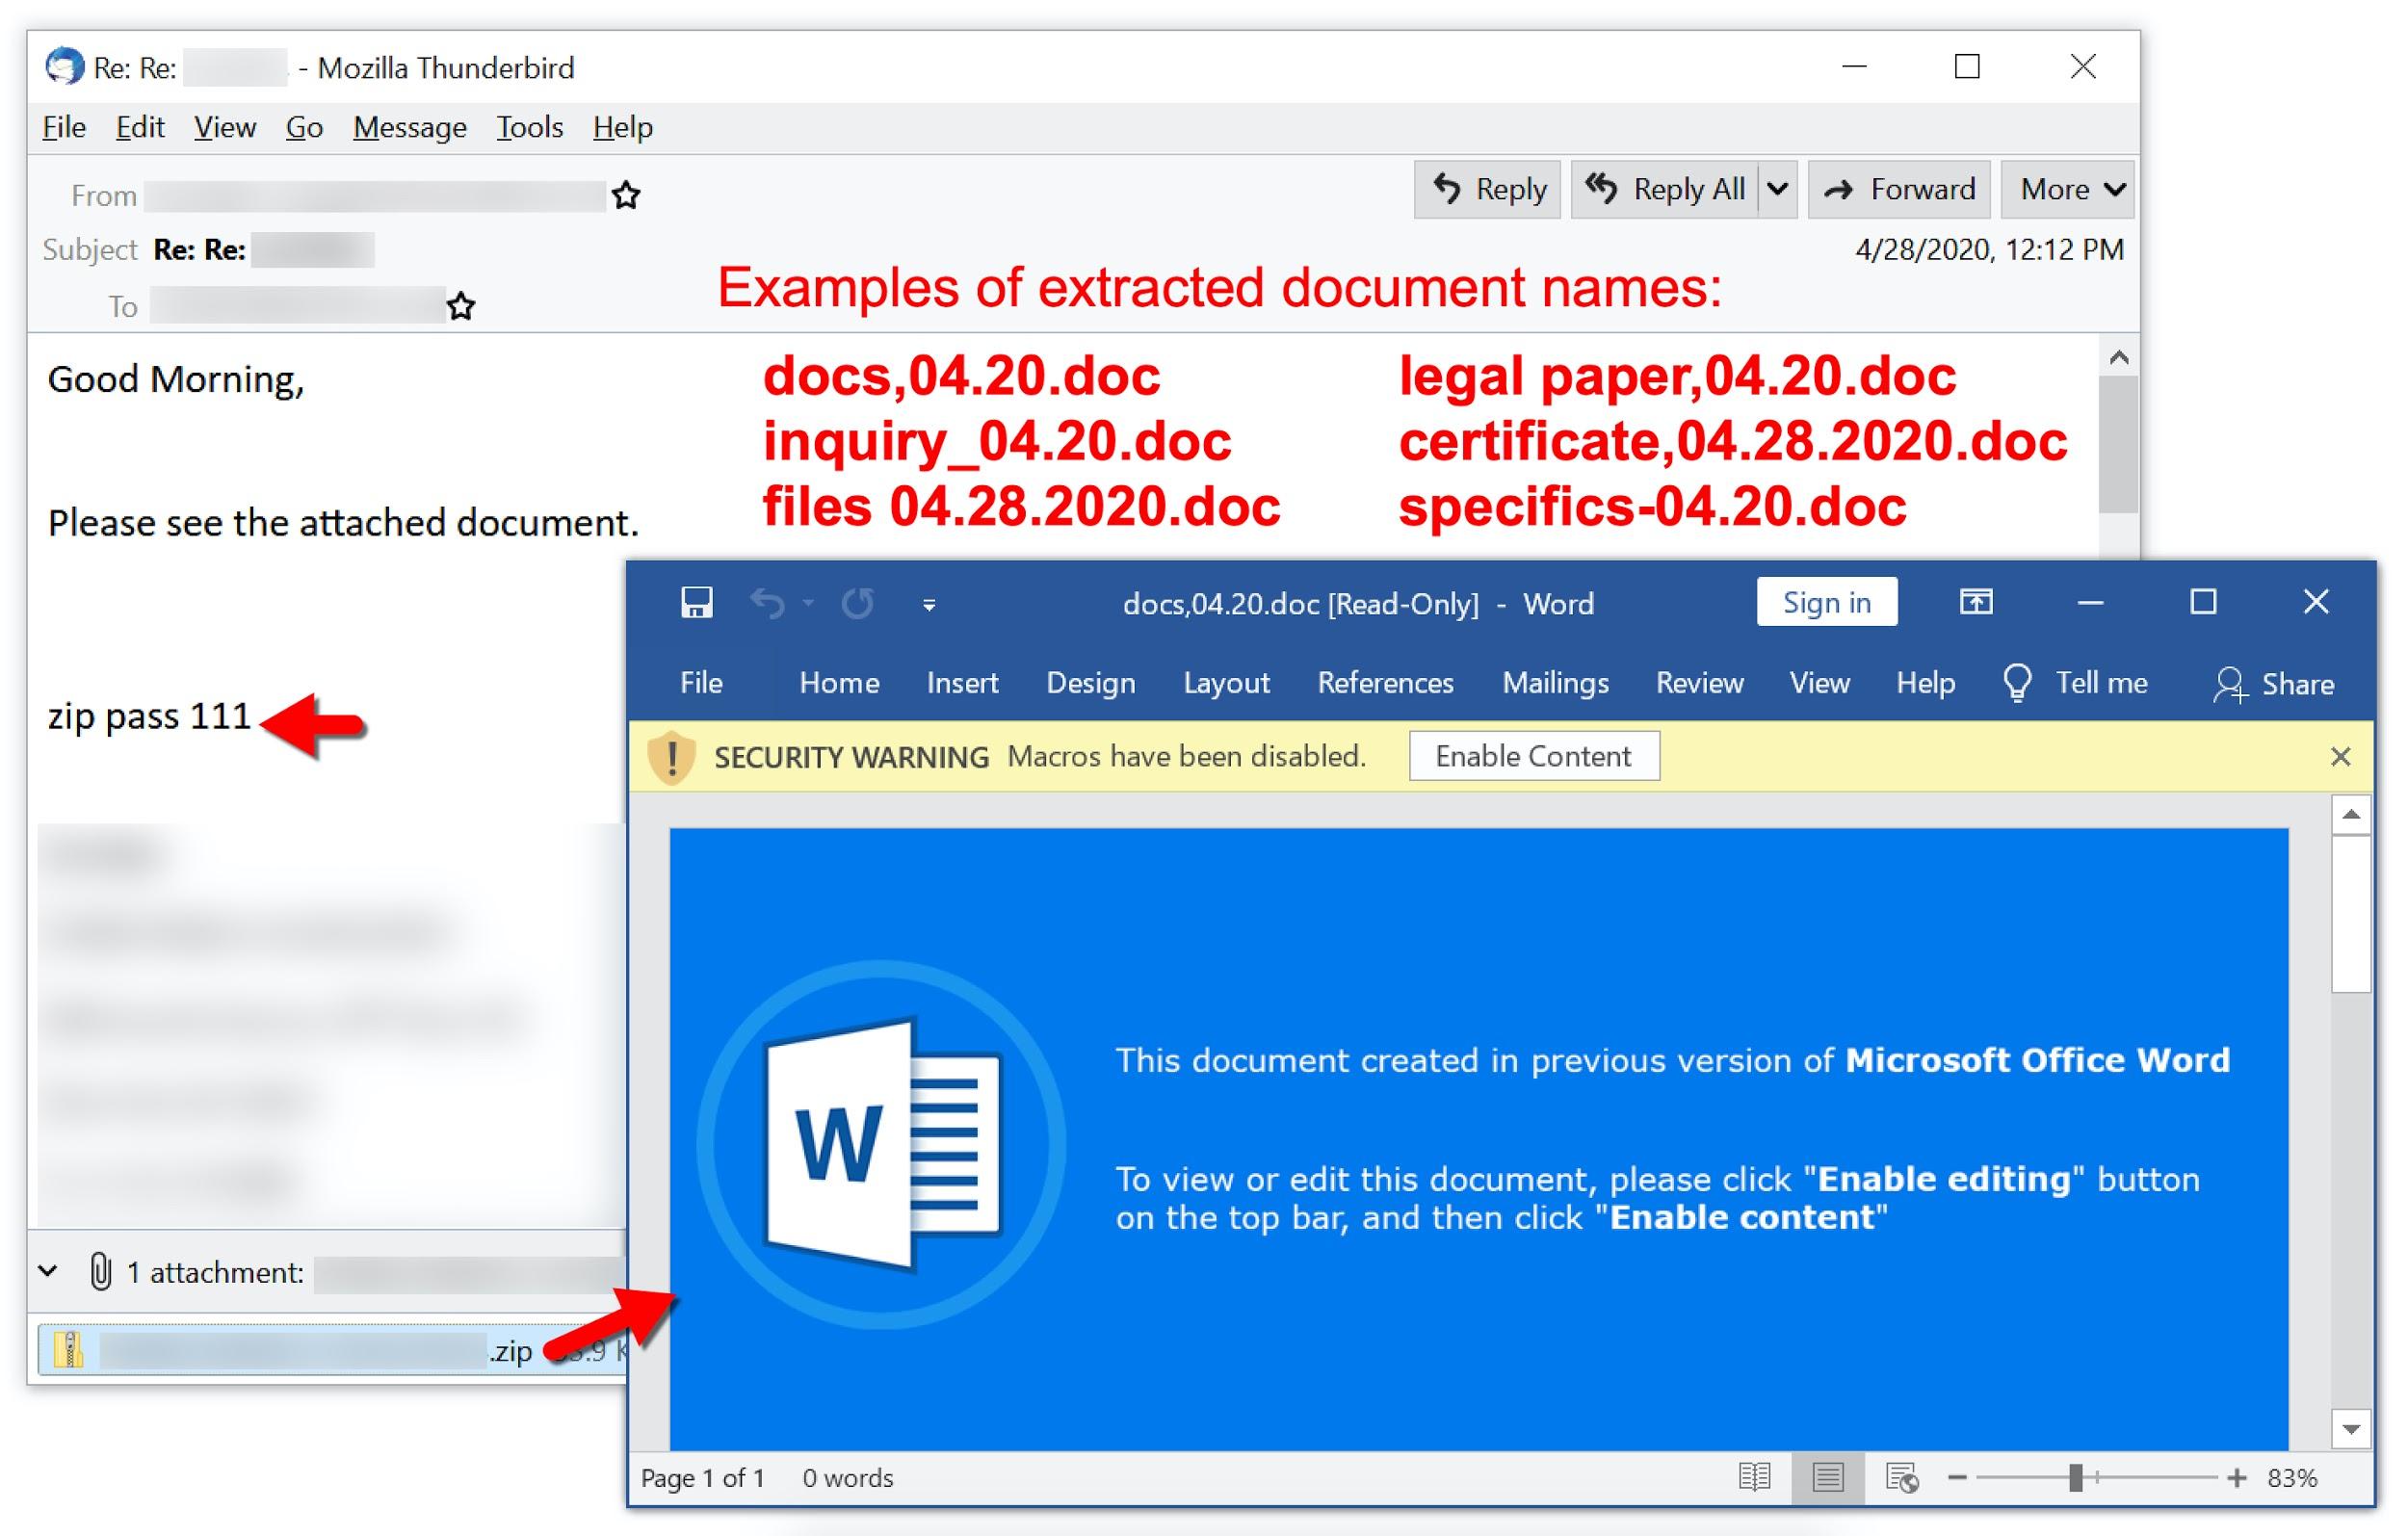 2020年4月のTA551マルスパムには、docs、04.20.doc、inquiry_04.20.doc、files 04.28.2020.doc、legal paper、04.20.doc、certificate、04.28.2020.doc、specifics-04.20.docなどのドキュメント名が含まれています。